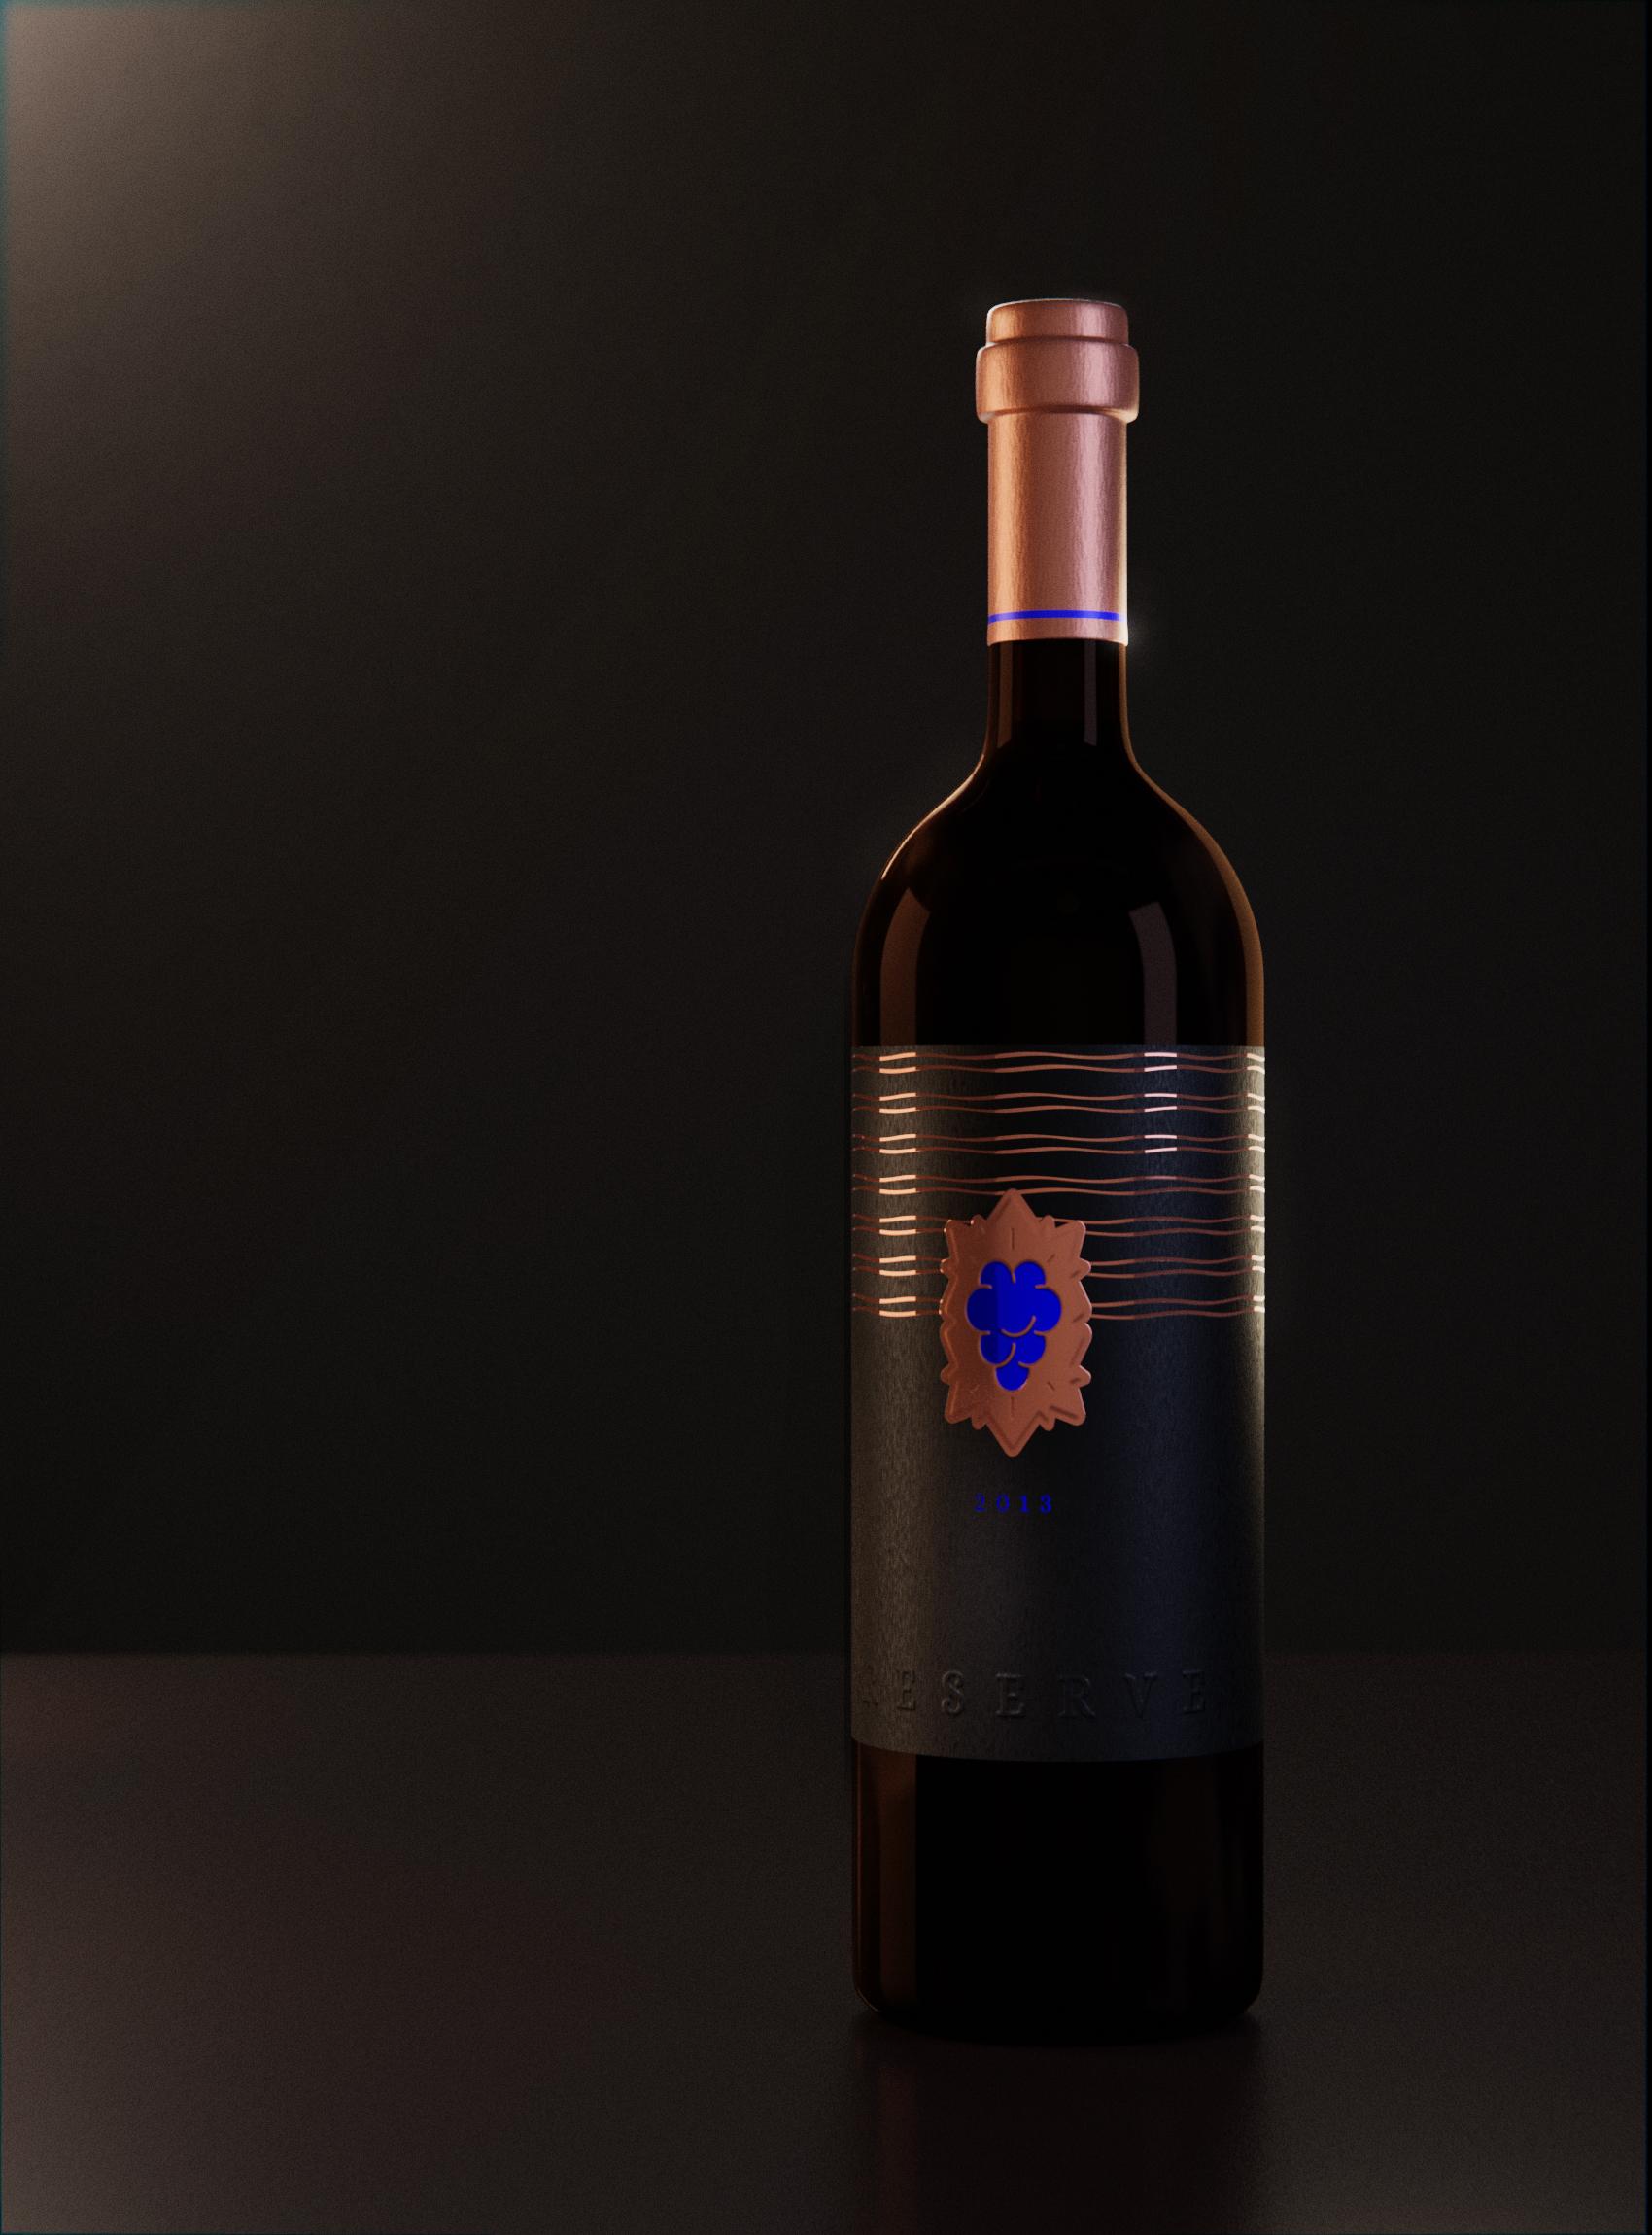 wine bottle mockup 3d